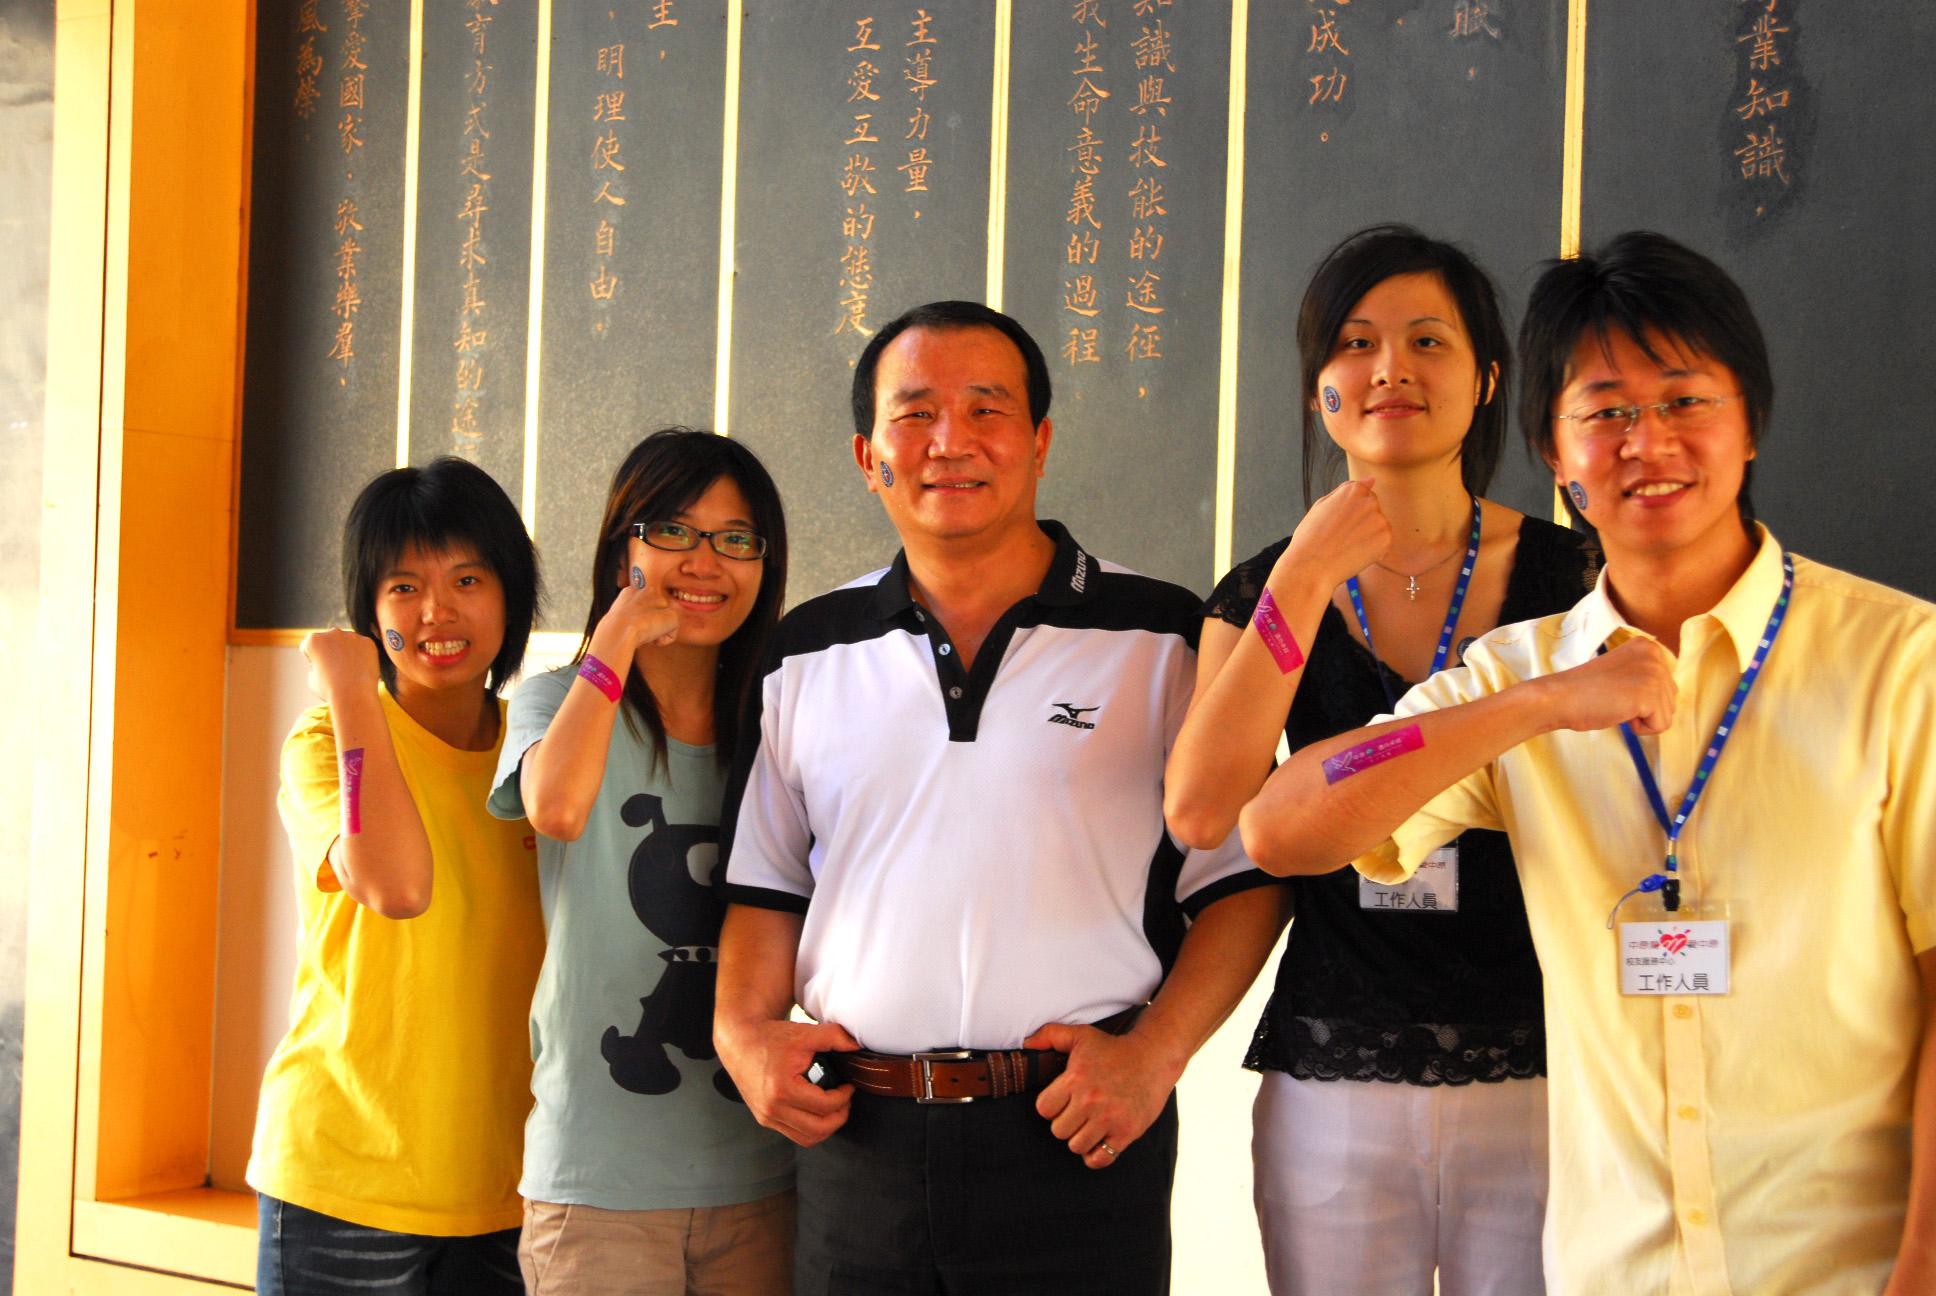 中原大學53周年校慶 40年老校友齊聚開同學會